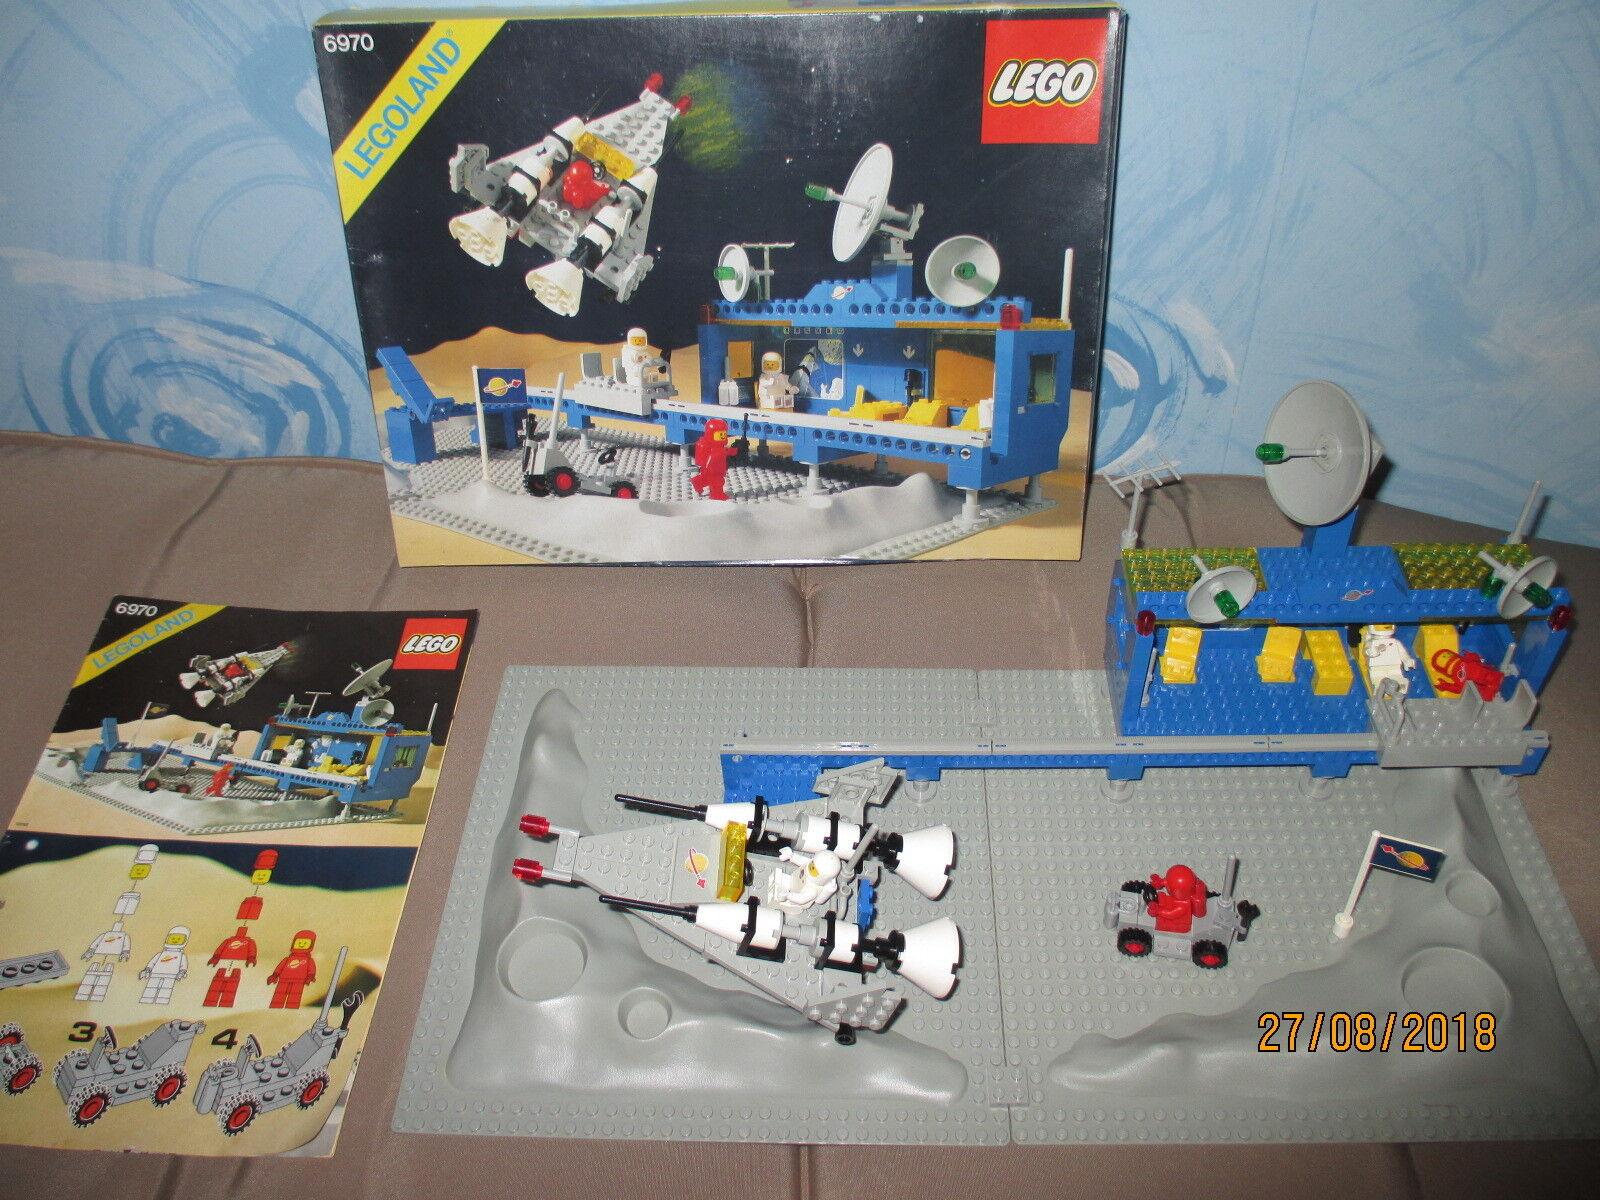 LEGO 6970